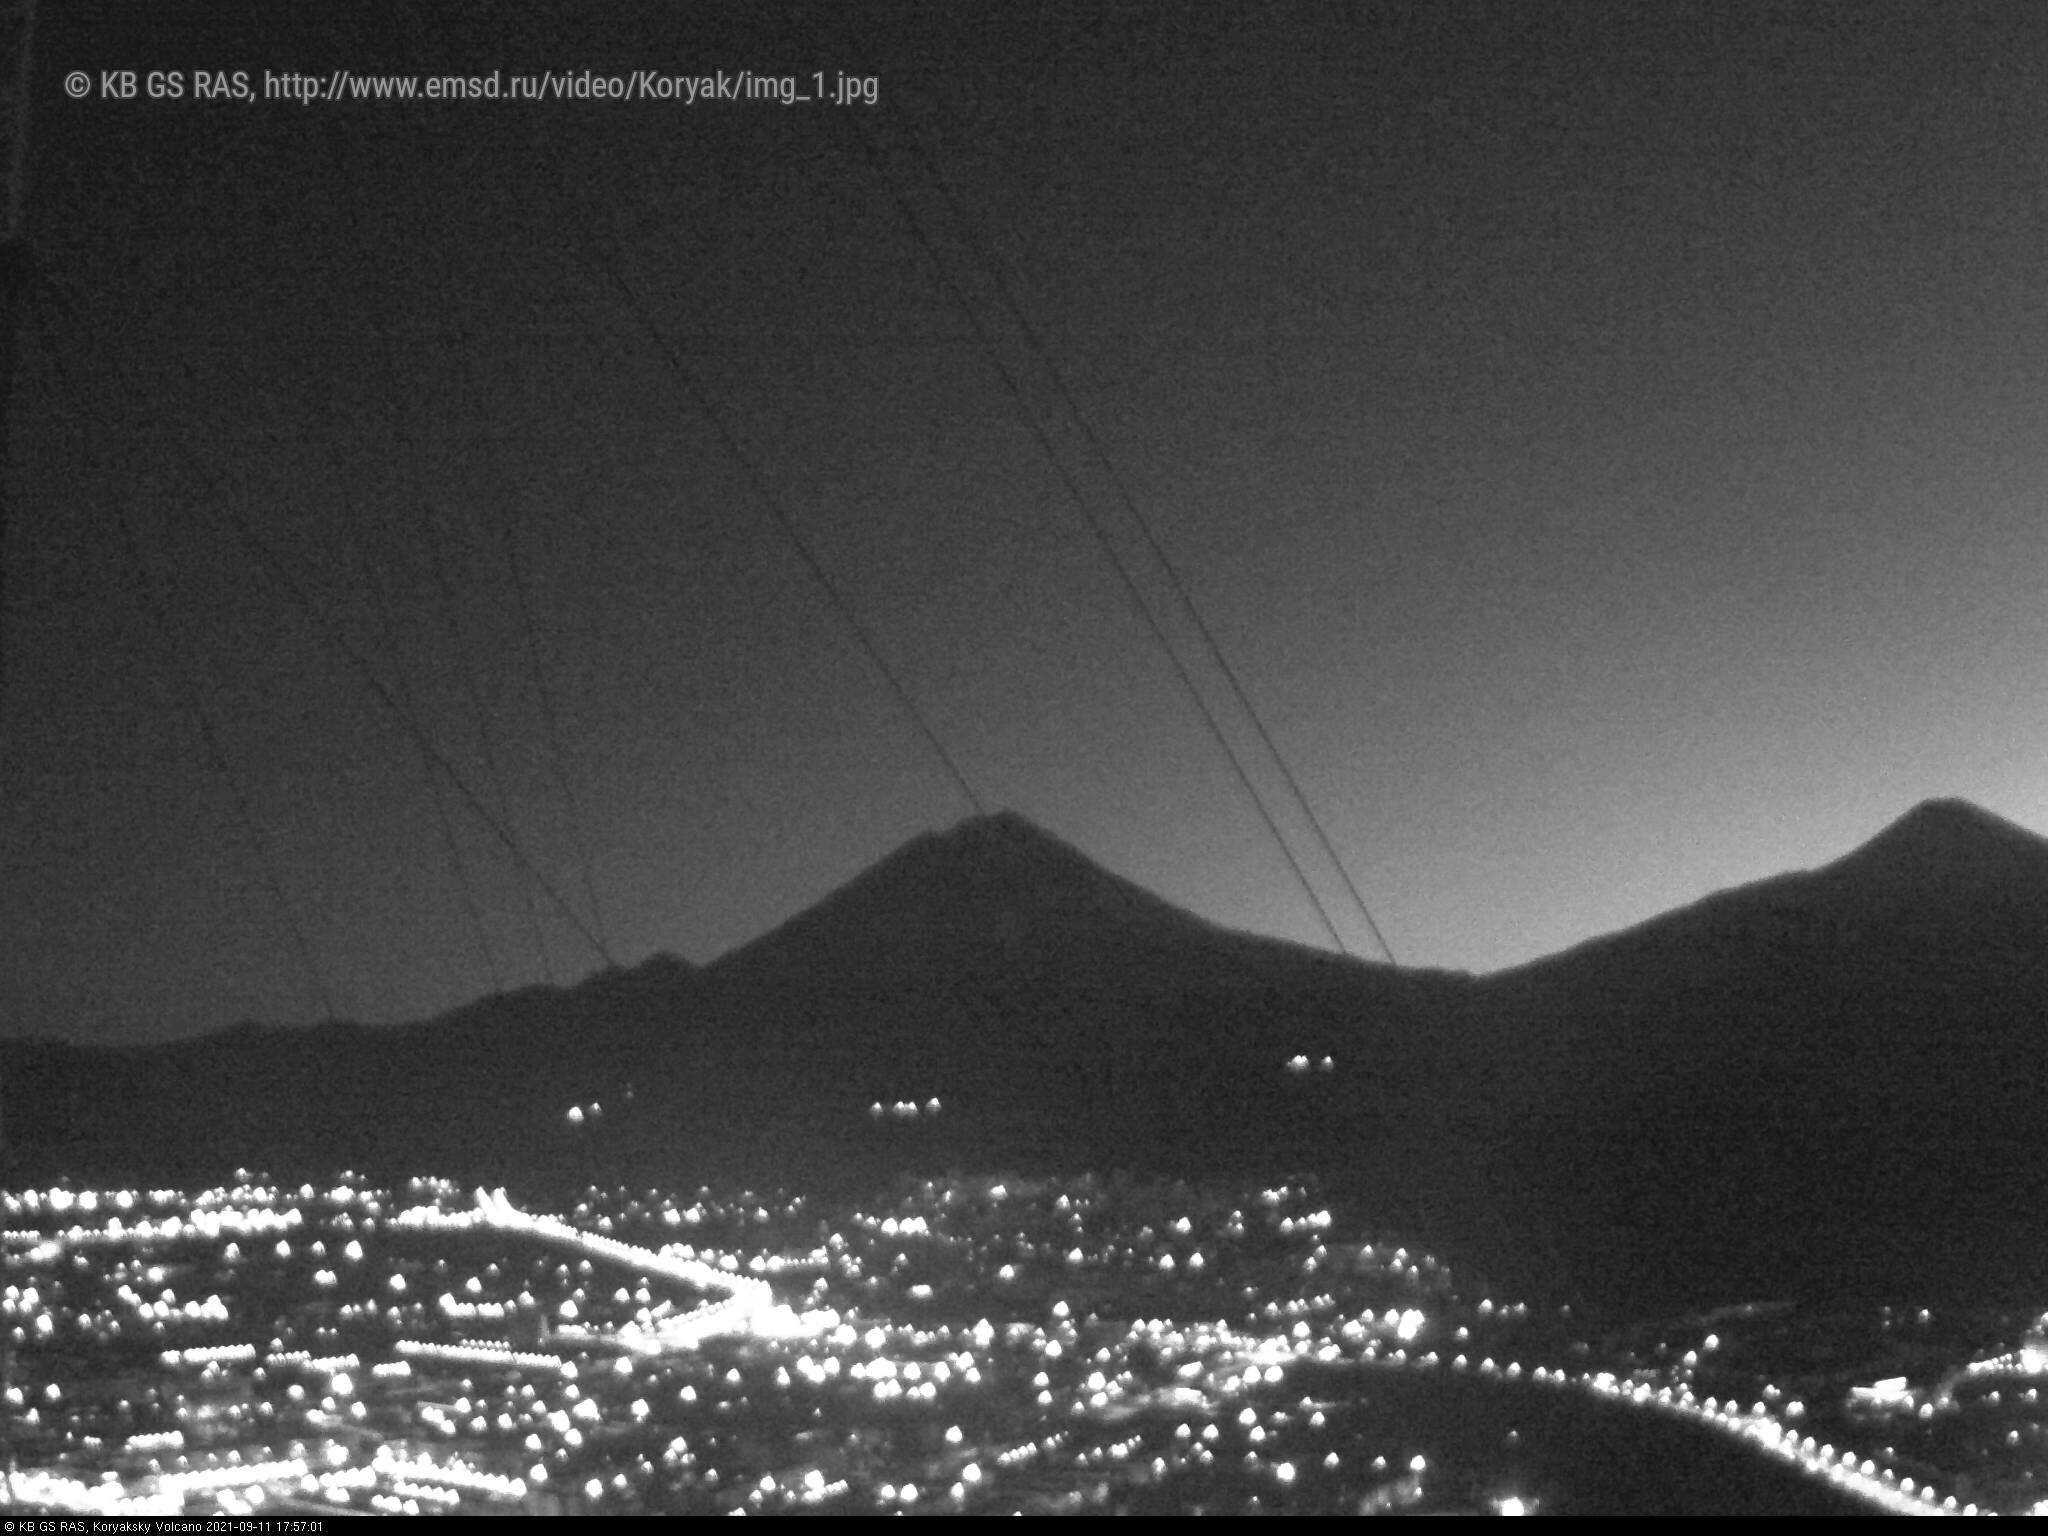 Веб камера показывает вулкан Корякский на Камчатке